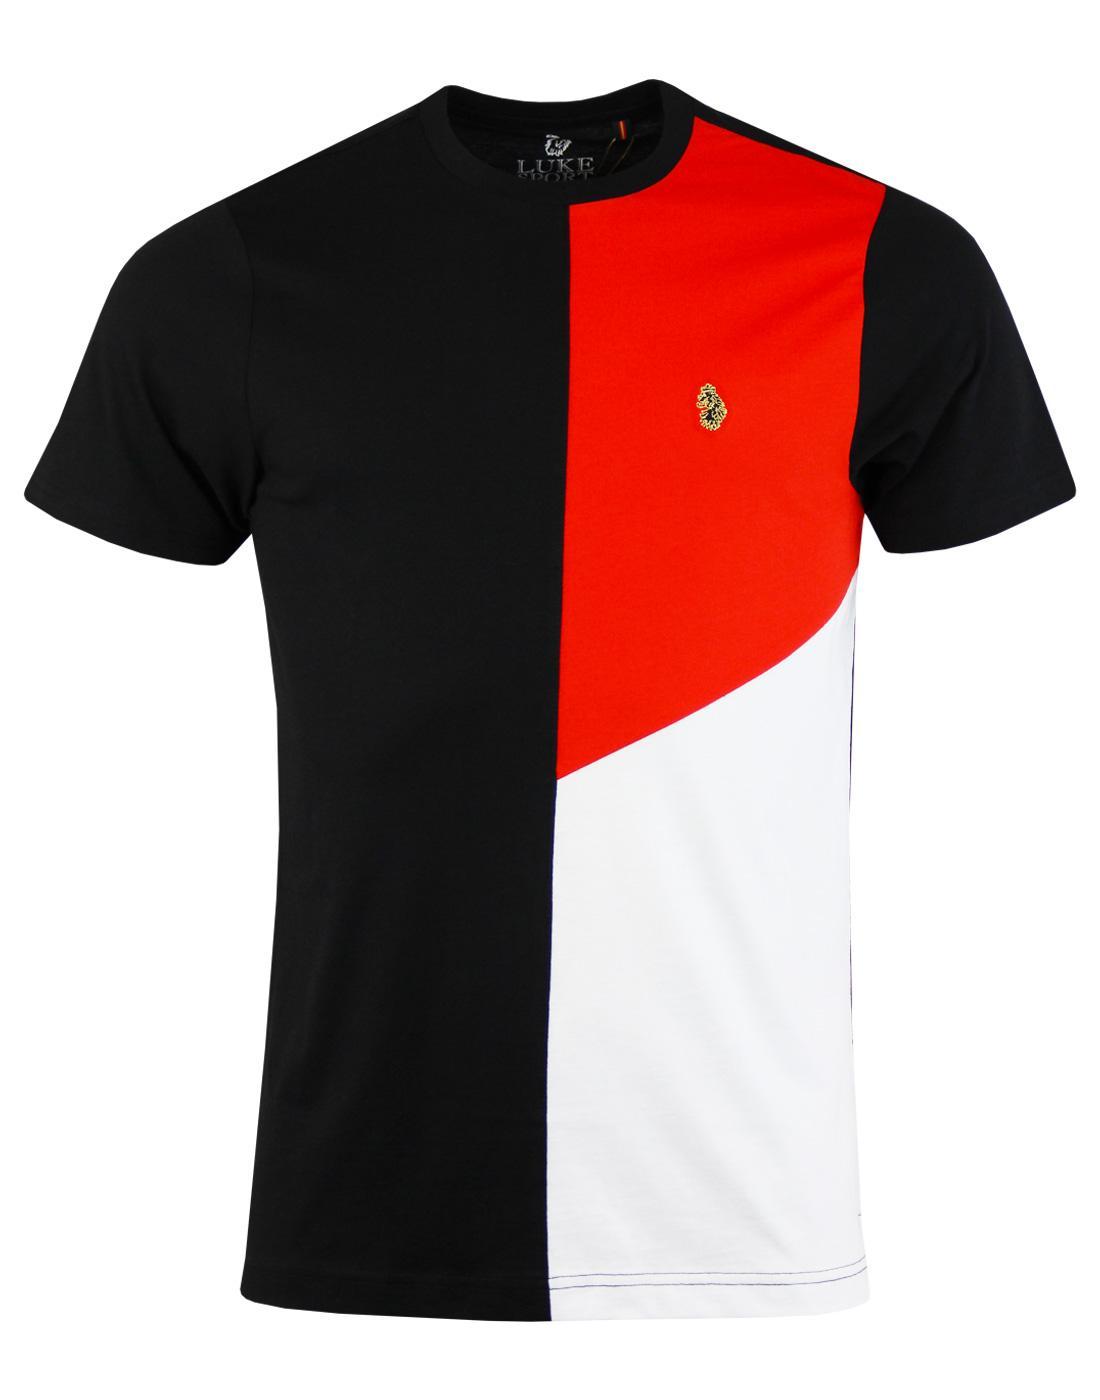 Hoy LUKE 1977 Men's Retro Mod Colour Block T-shirt